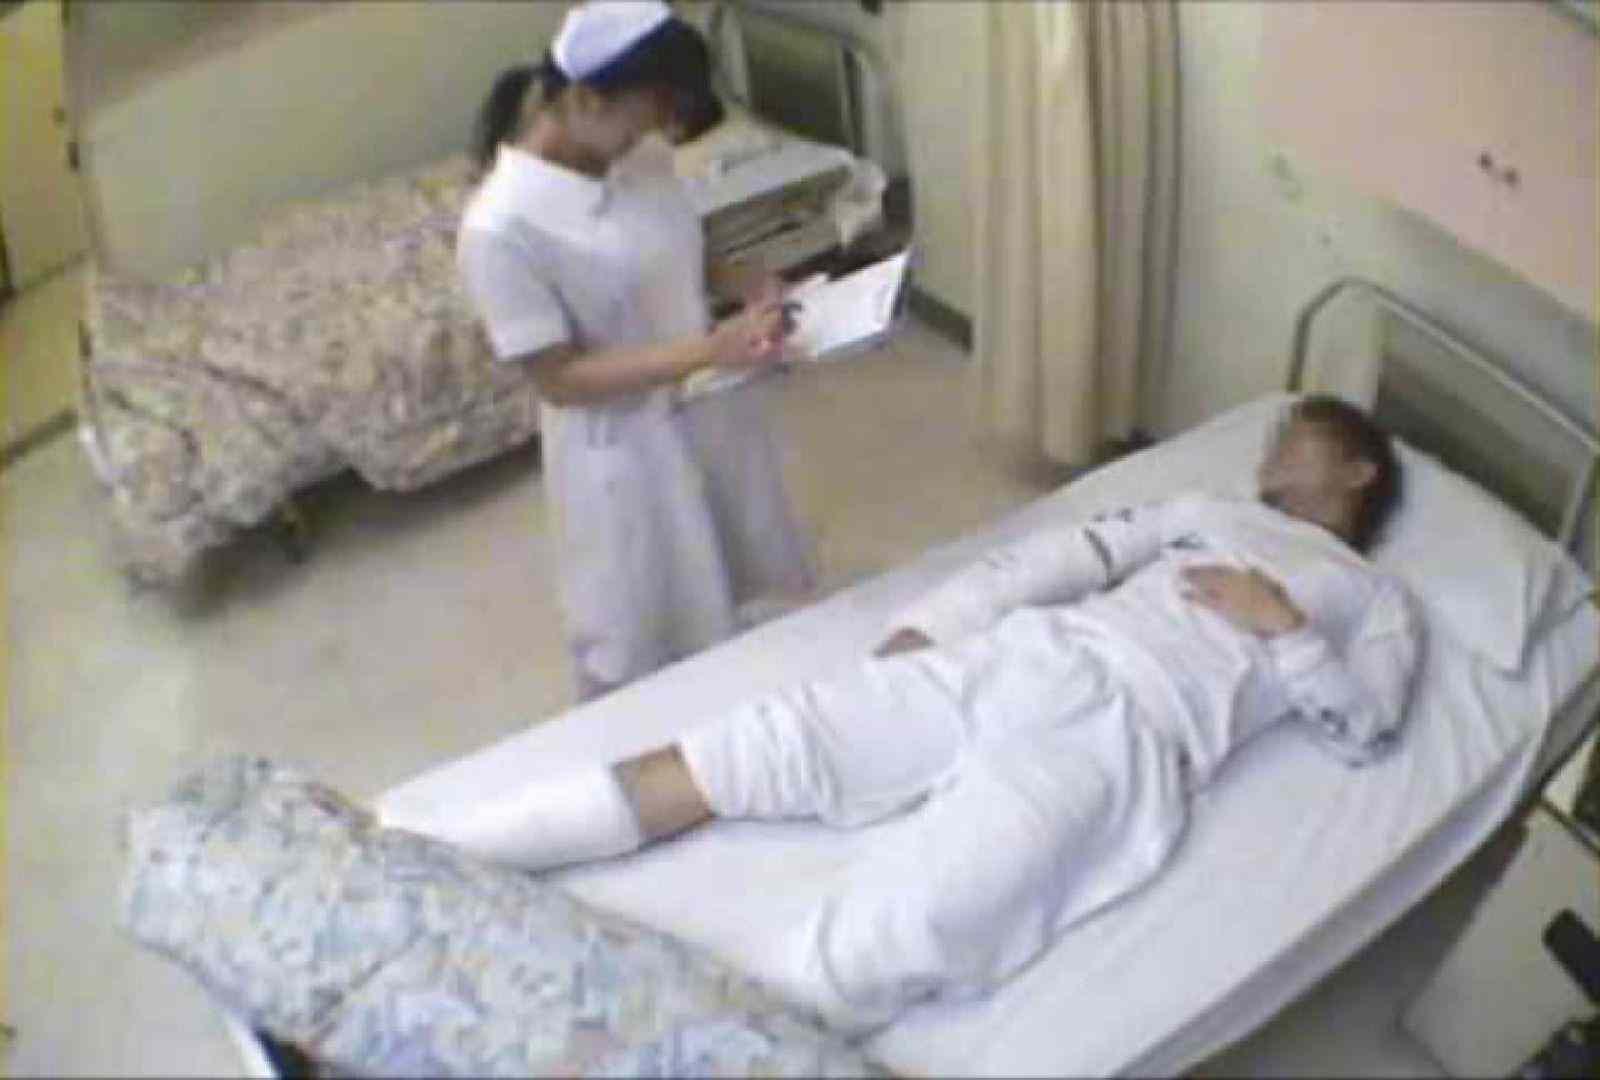 絶対に逝ってはいけない寸止め病棟Vol.5 美しいOLの裸体  81pic 44